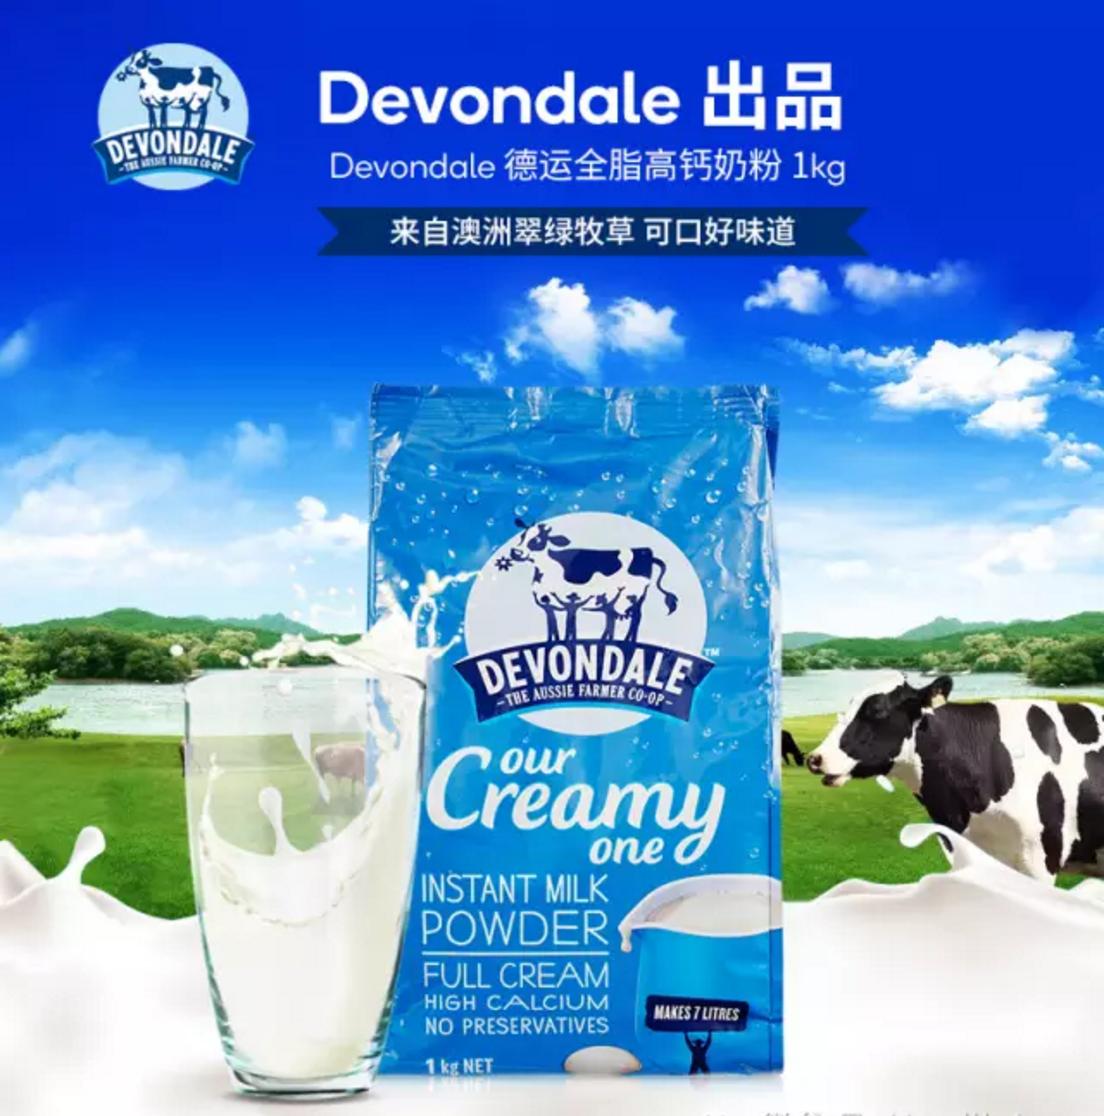 大比拼:澳洲成人奶粉介绍&优缺点分析